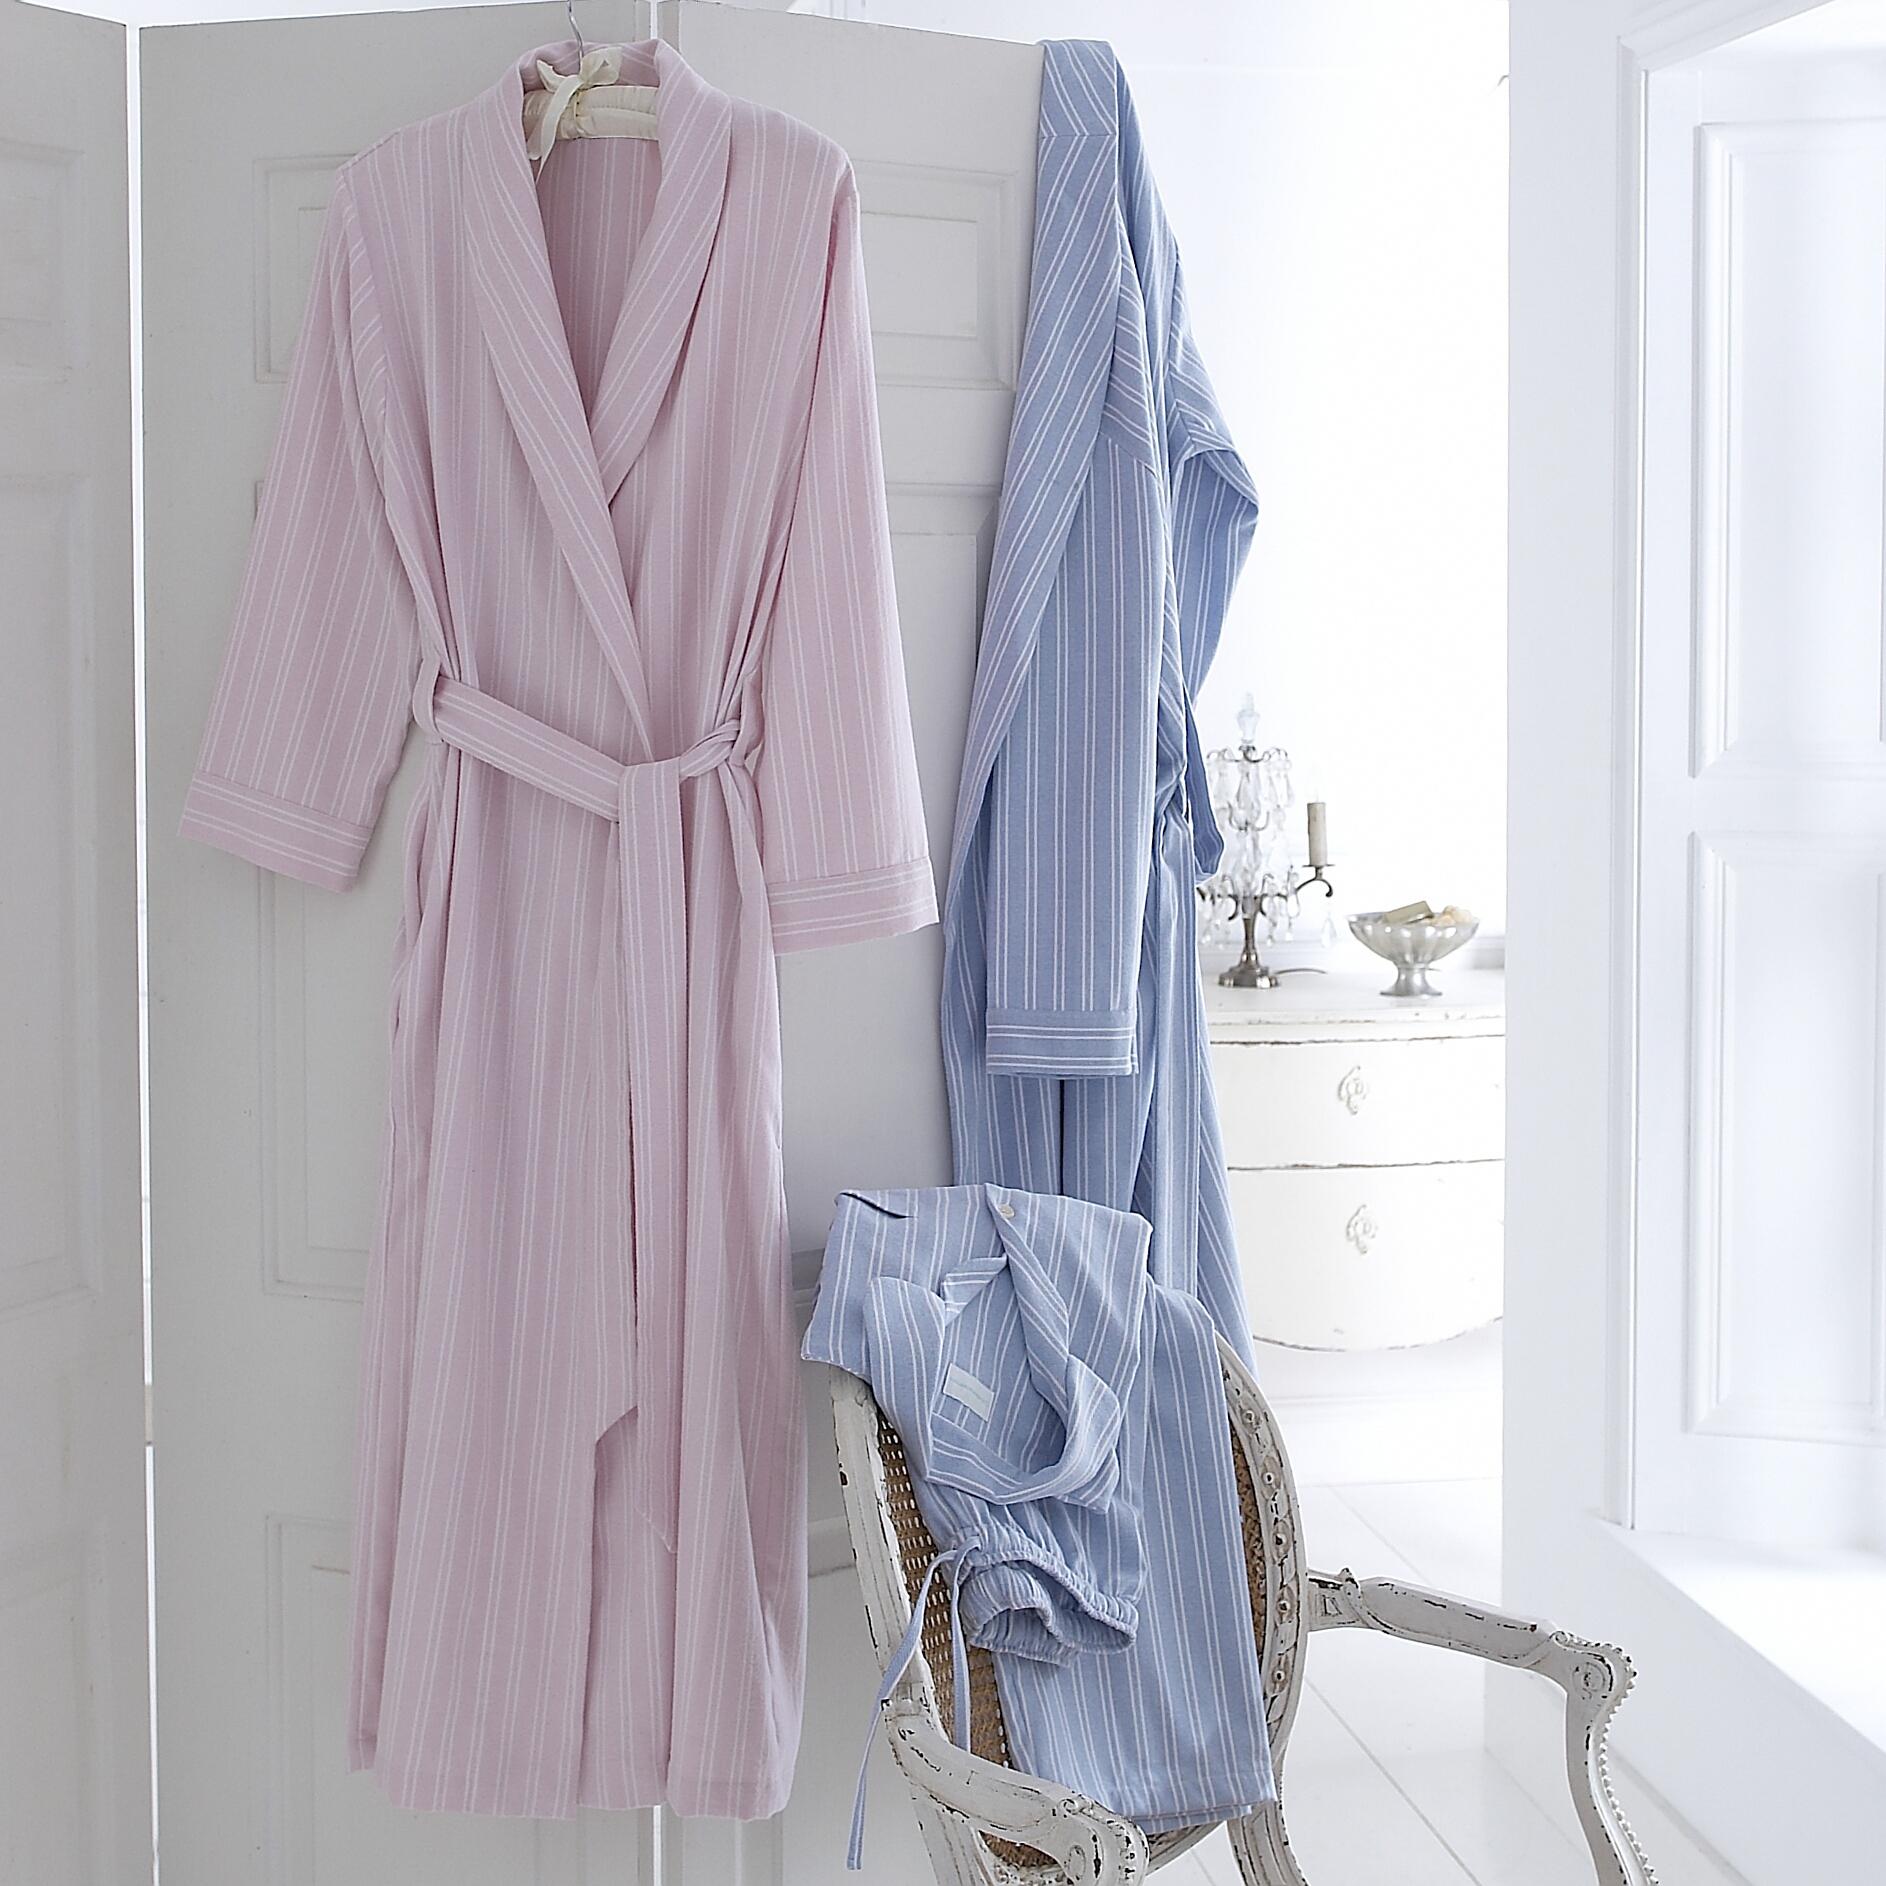 Brushed cotton Nightwear